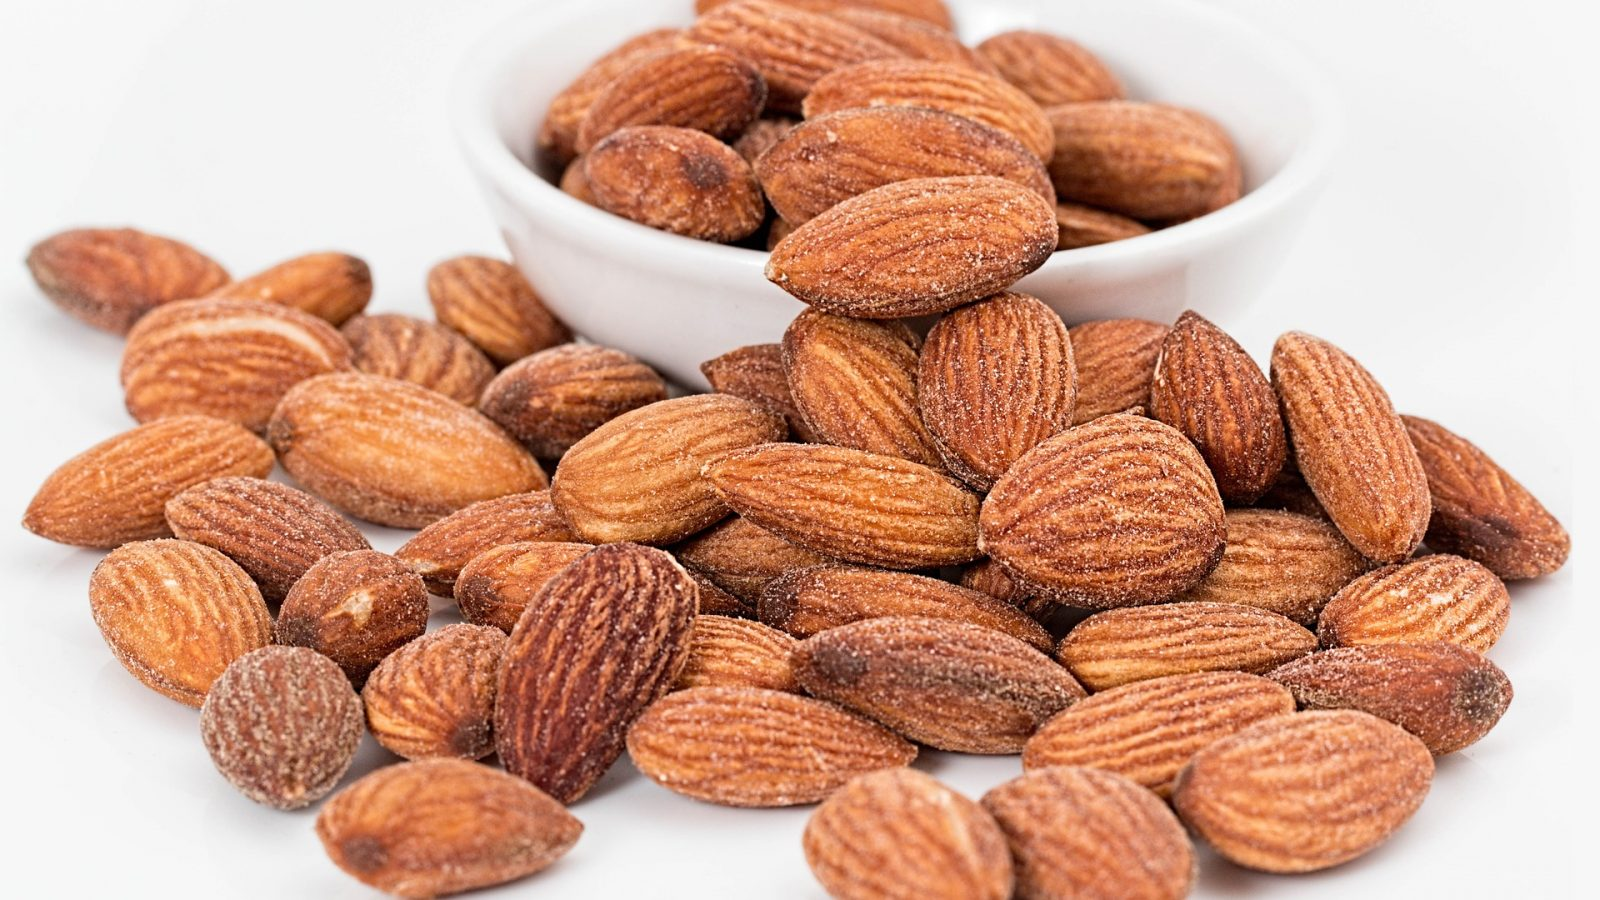 Healthy Non-Perishable Snacks almonds